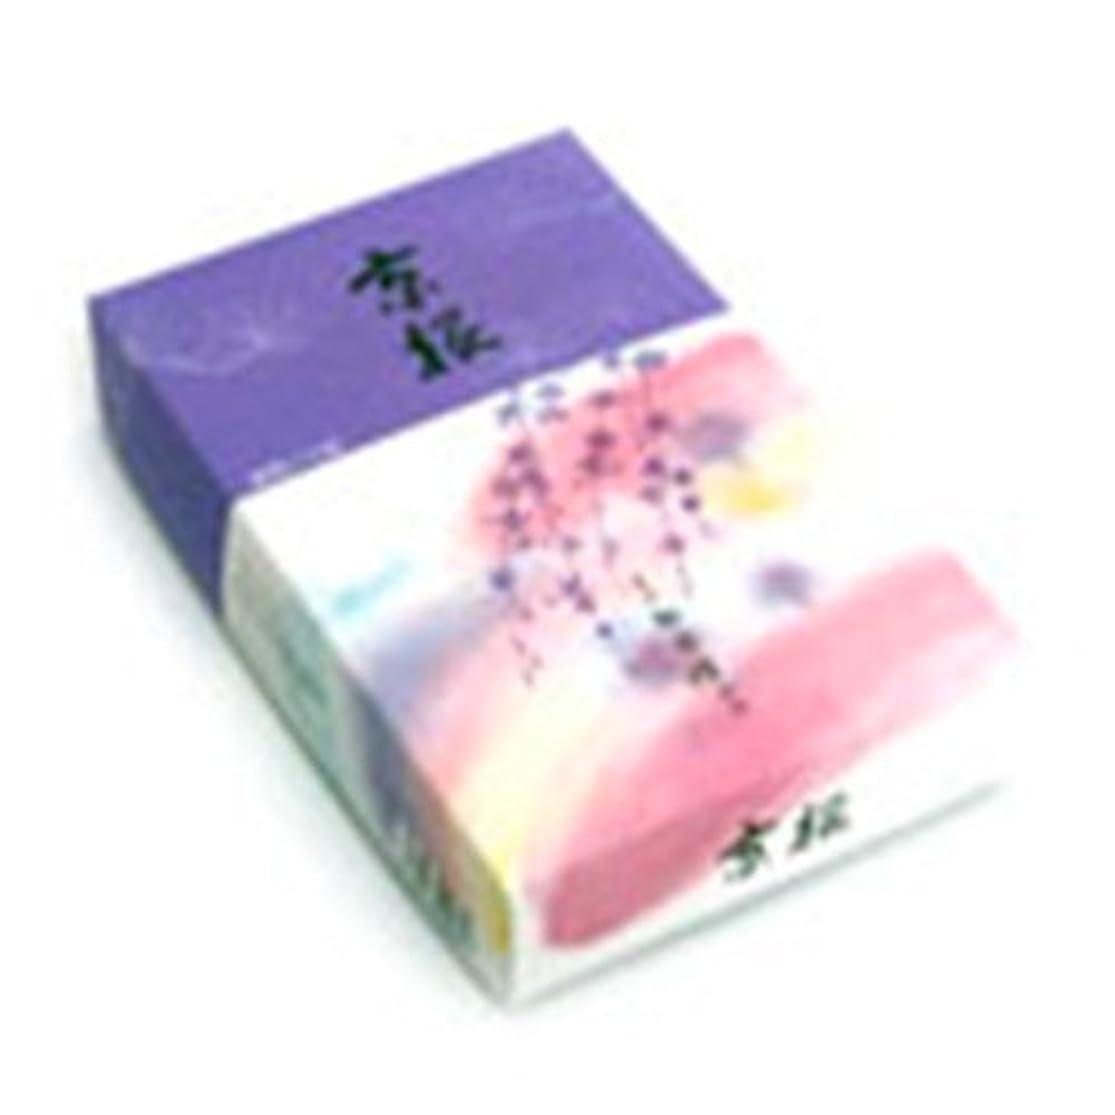 達成するどこか収益Shoyeido's Kyoto Cherry Blossoms Incense, 450 Sticks - Kyo-zakura, New, Free Shi